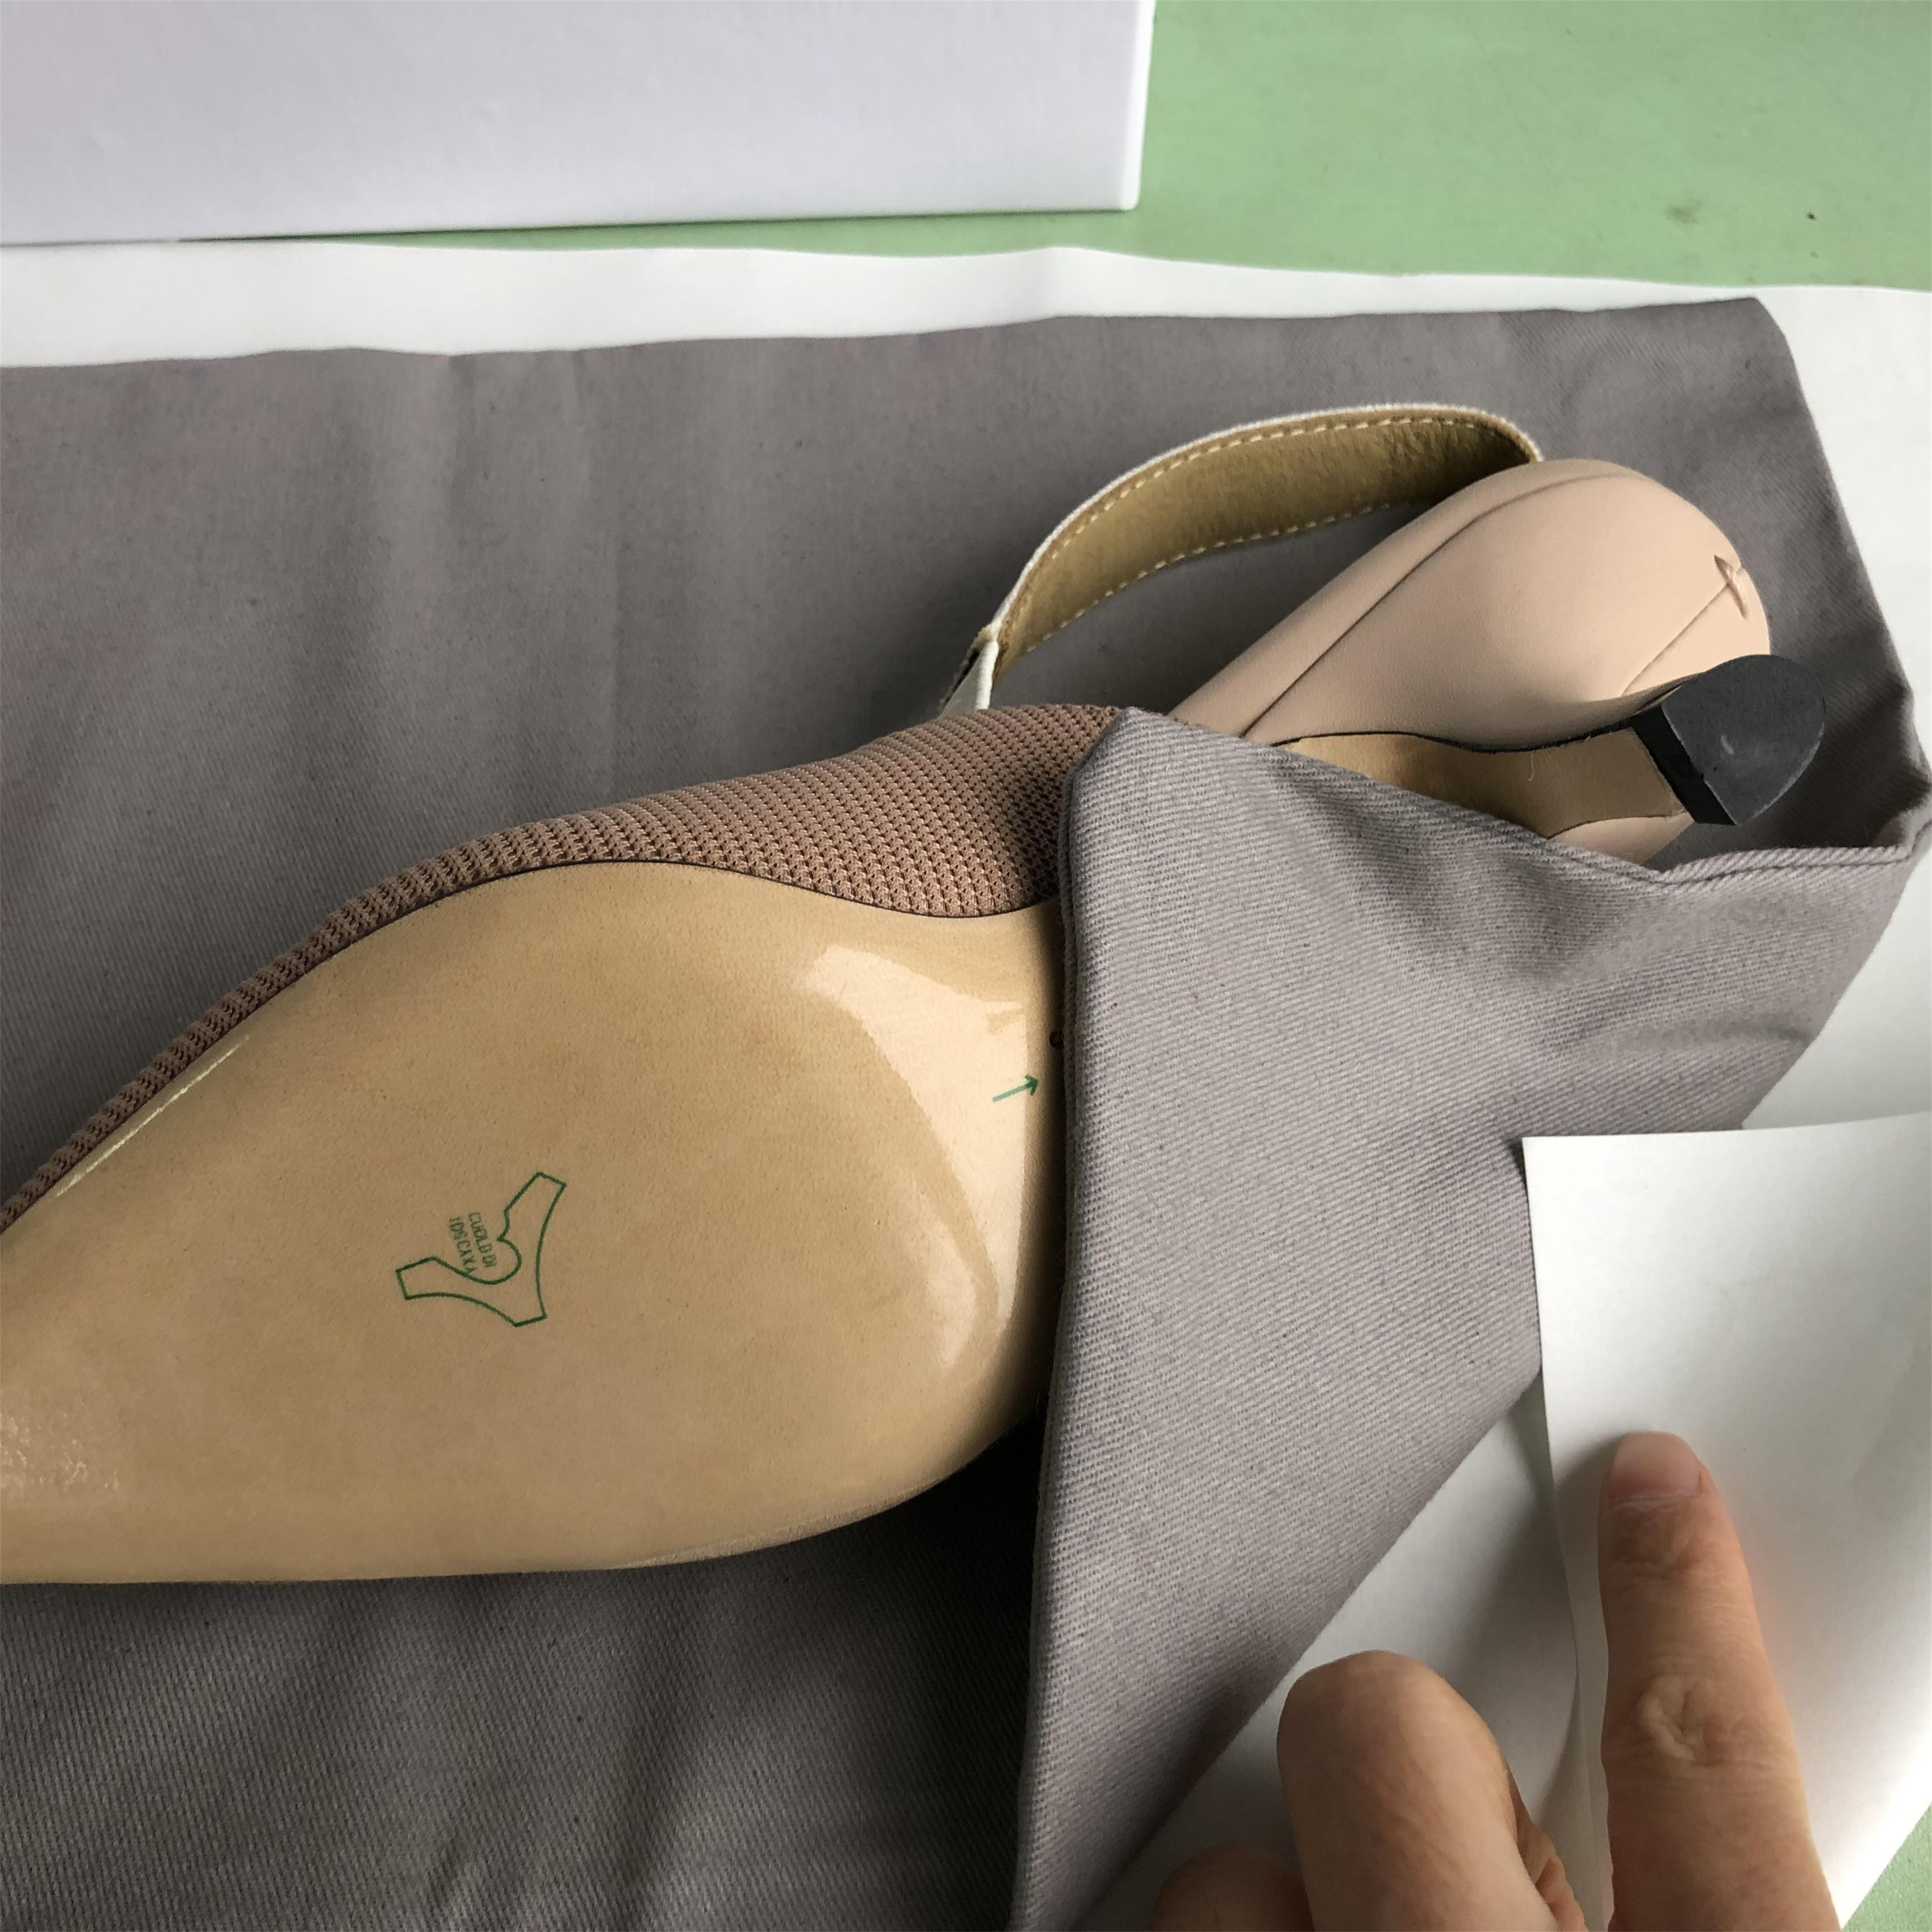 Nu Lettre Bow Noeud talon haut Chaussures Femmes piste bout pointu Chaussures talon bas femme Gladiaor Sandales femme Brand Design Chaussures plates Mesh 9.5CM